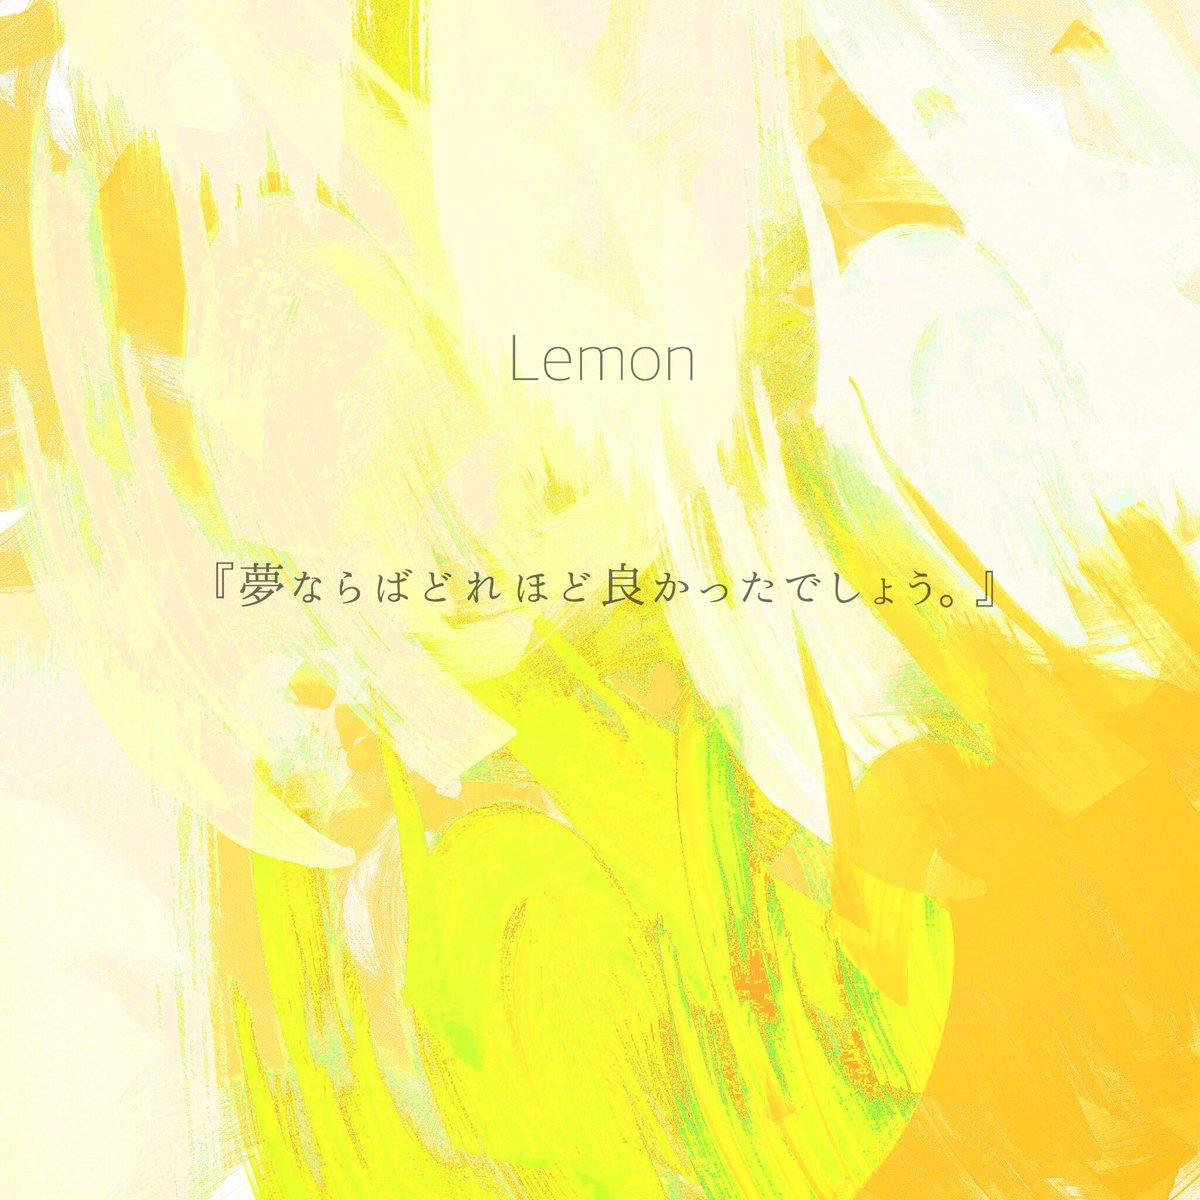 師 米津 歌詞 玄 付き lemon